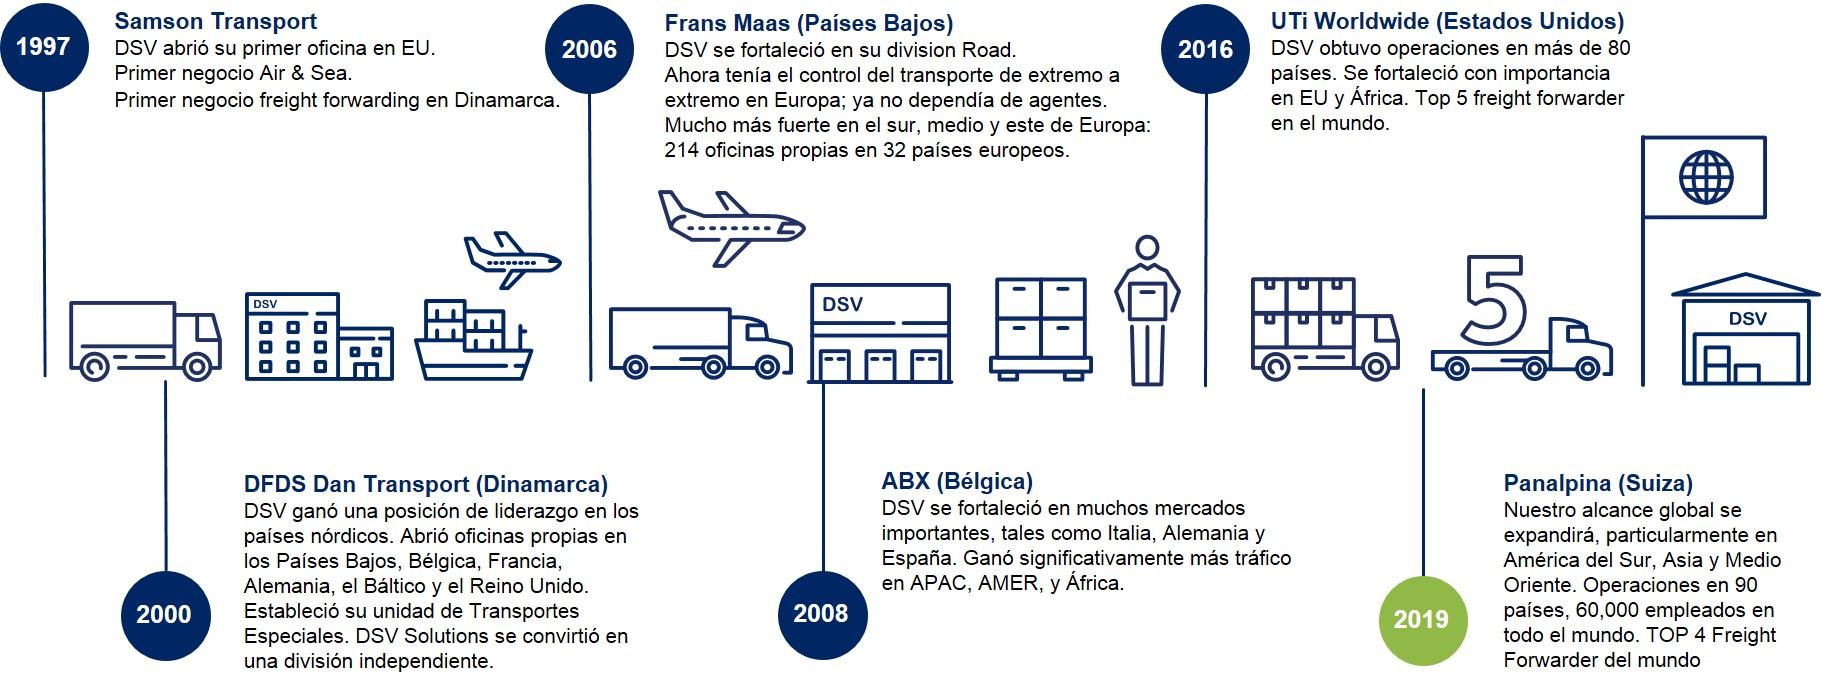 Integraciones - Historia DSV